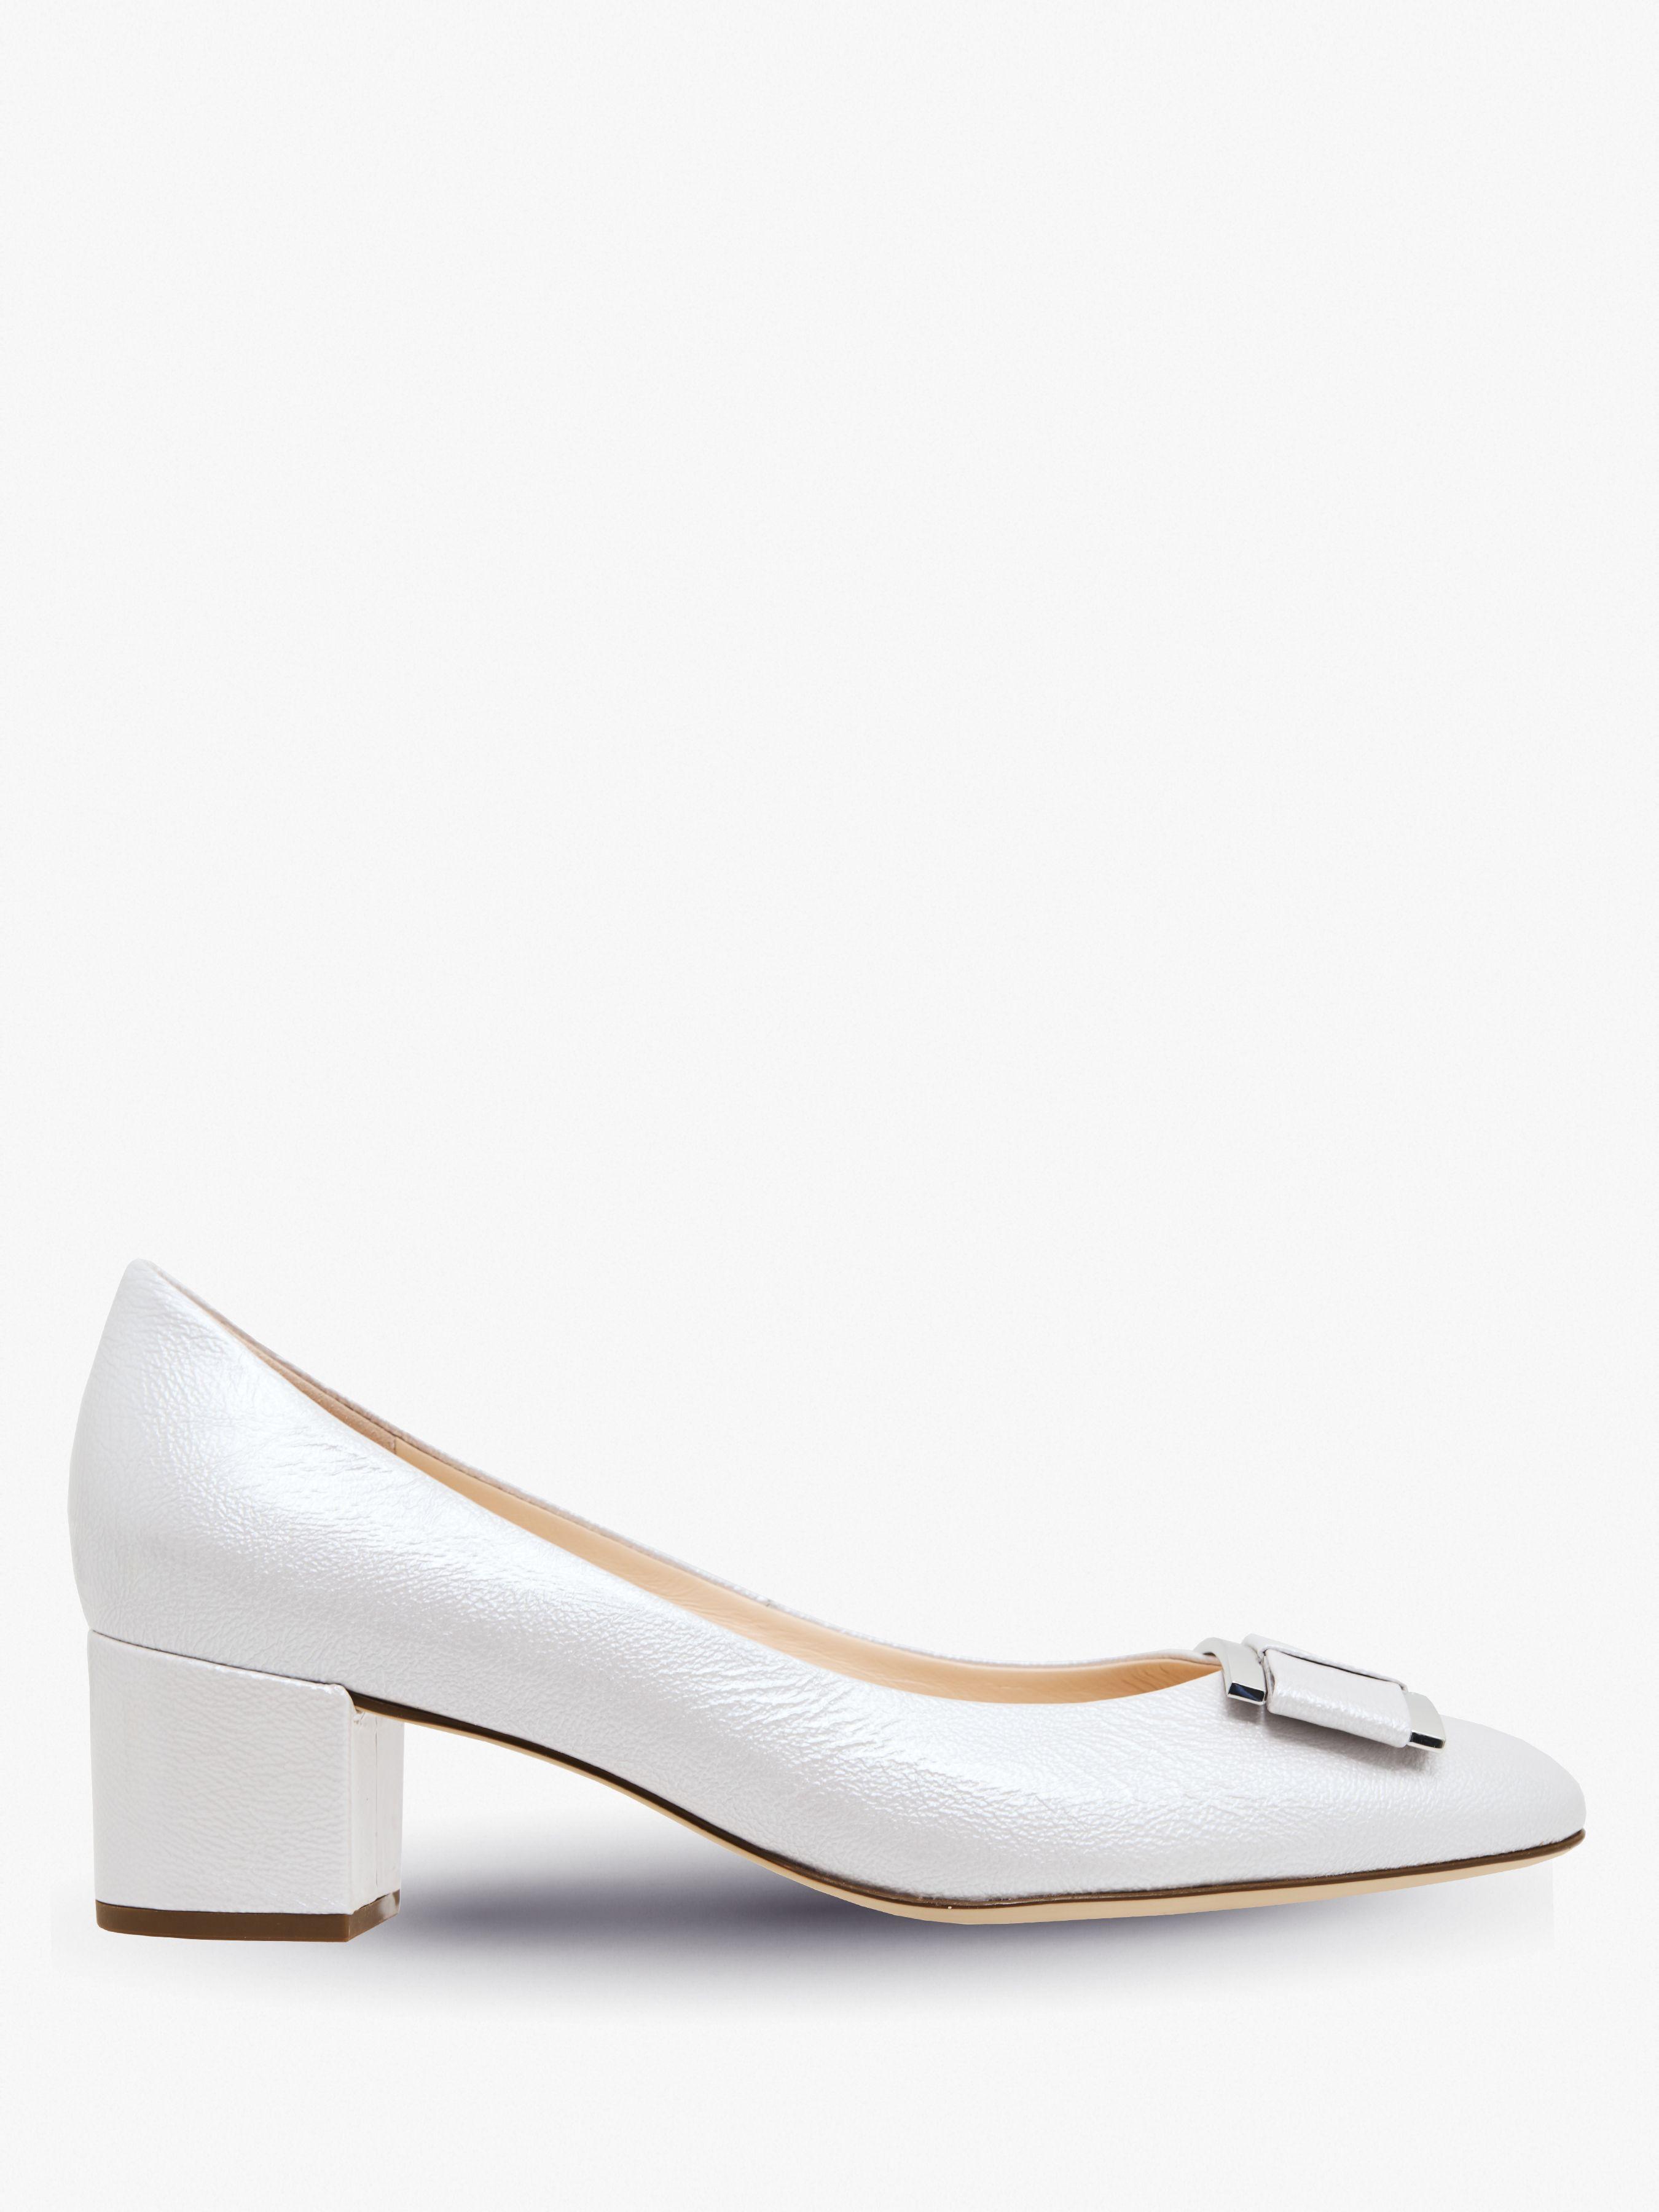 Купить Туфли женские Hogl FINESSE YN4026, Серый